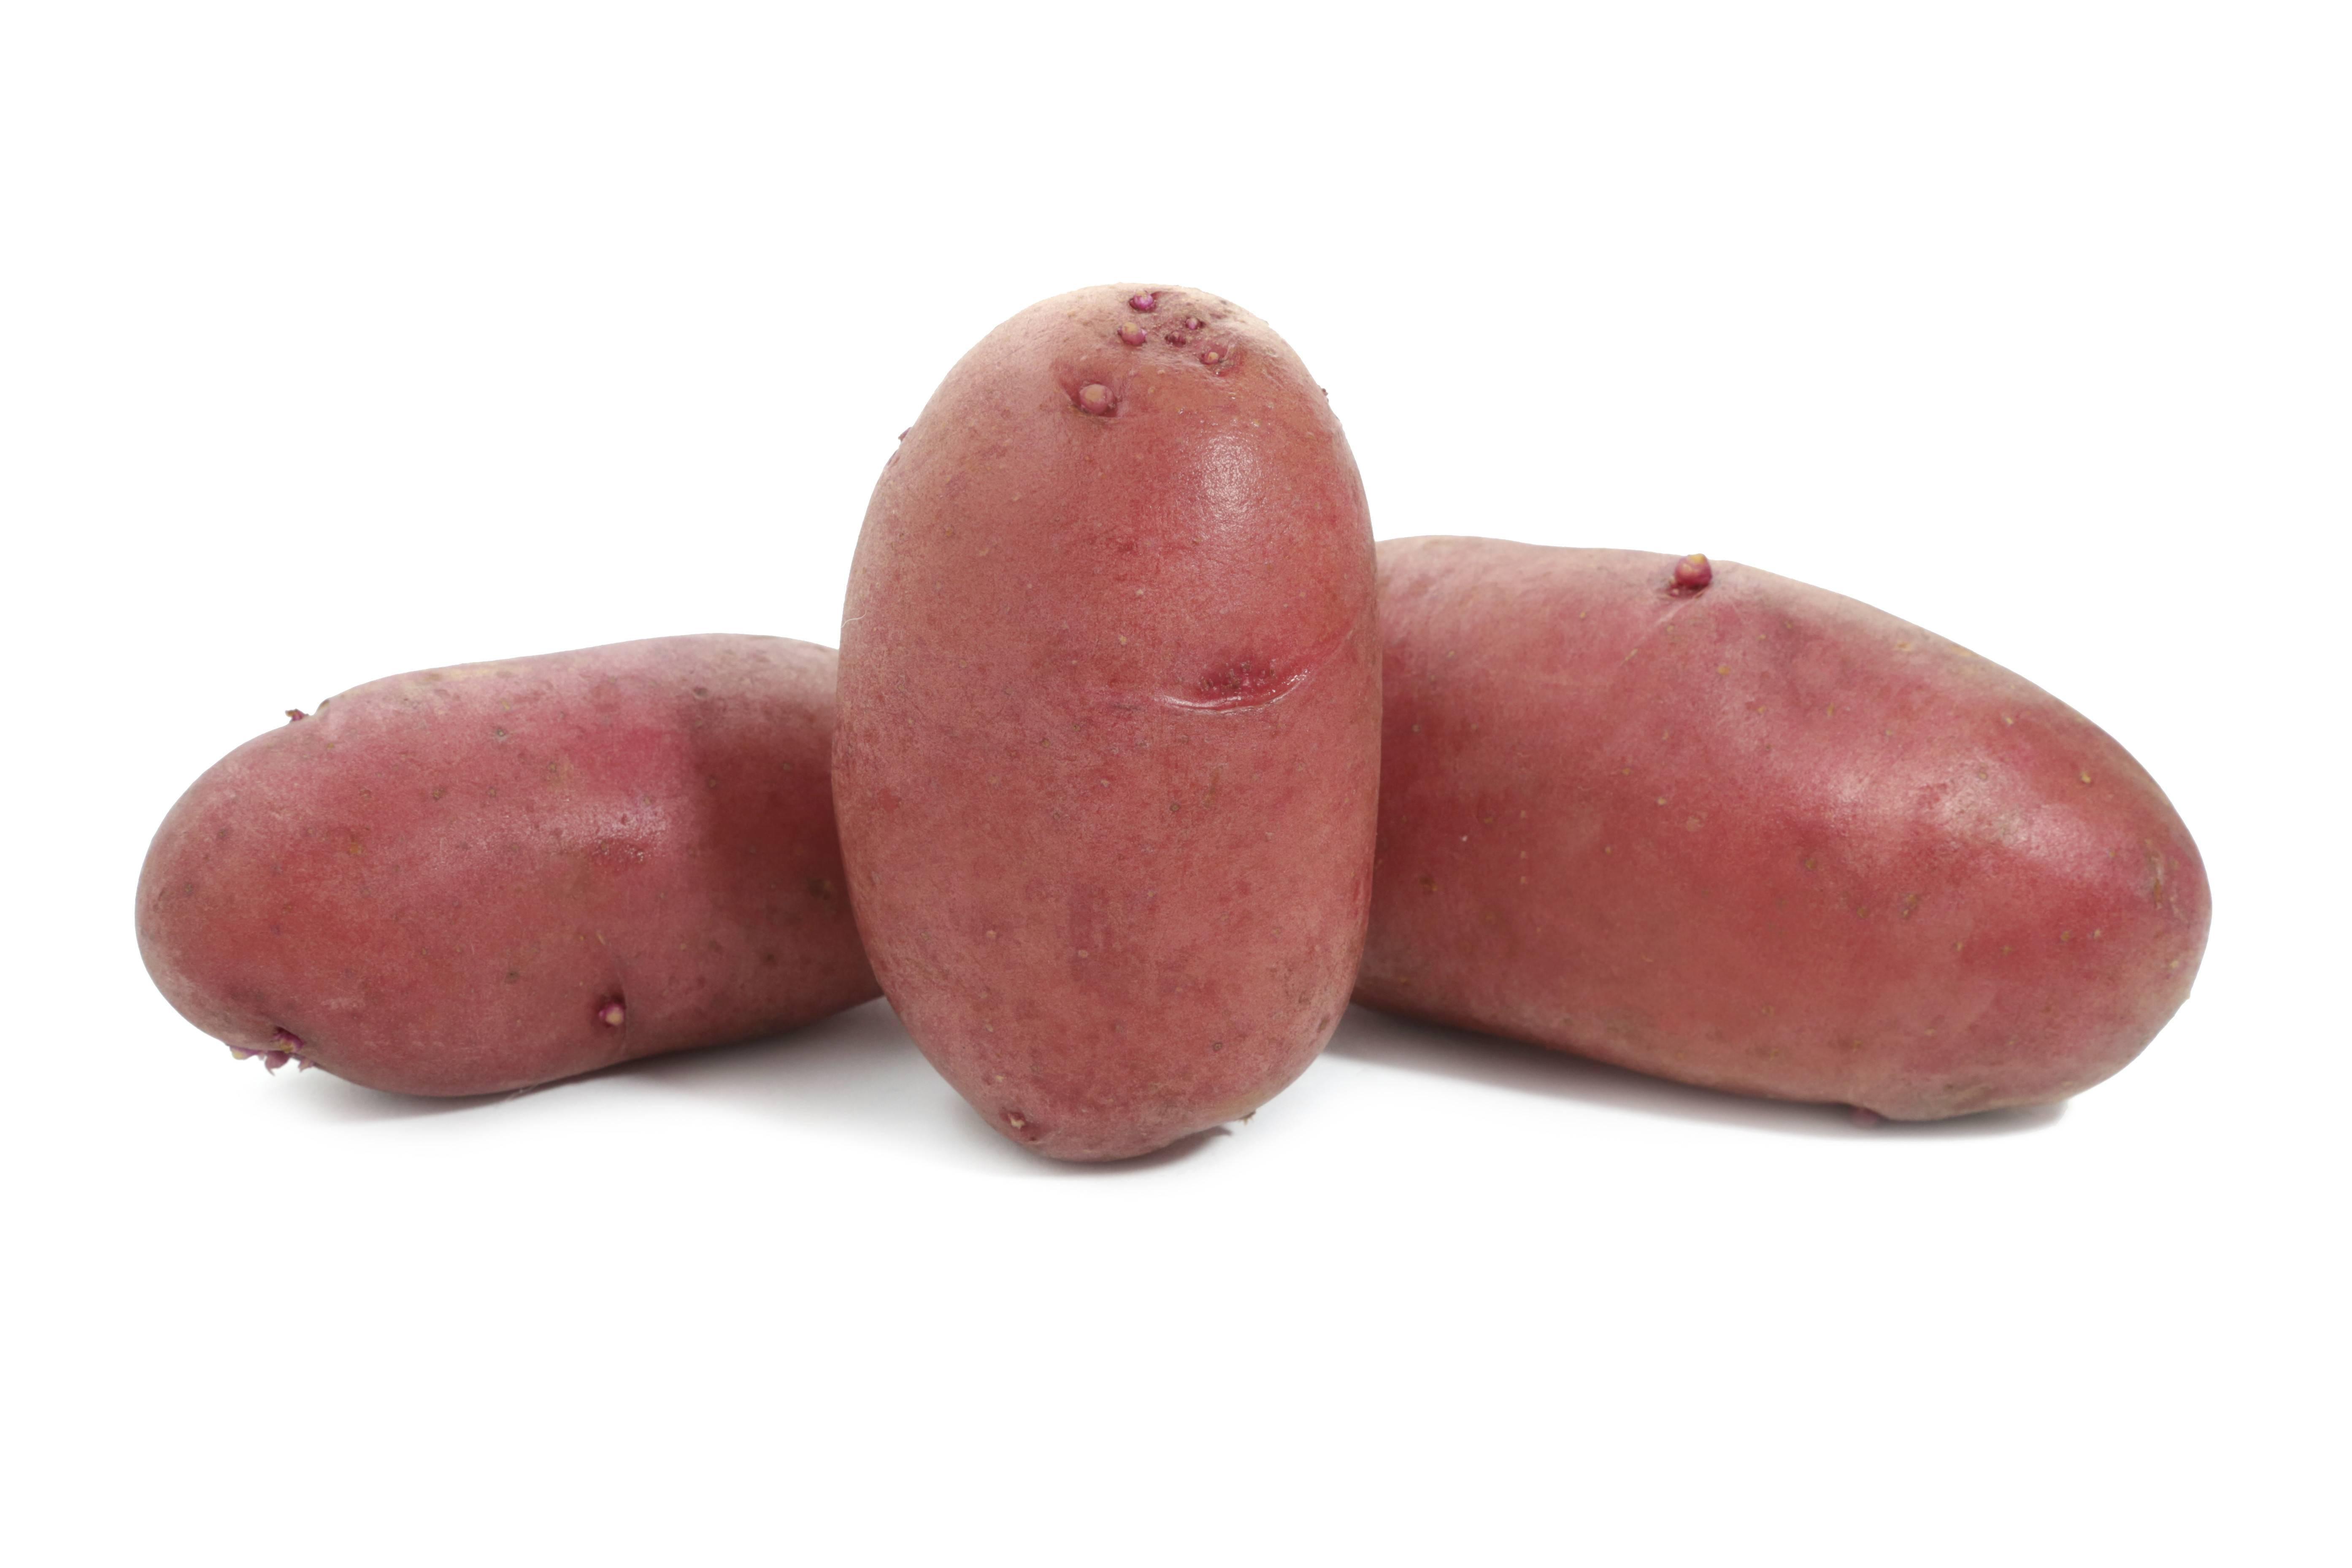 Картошка «мерлот» — что это за сренднепоздний столовый сорт?